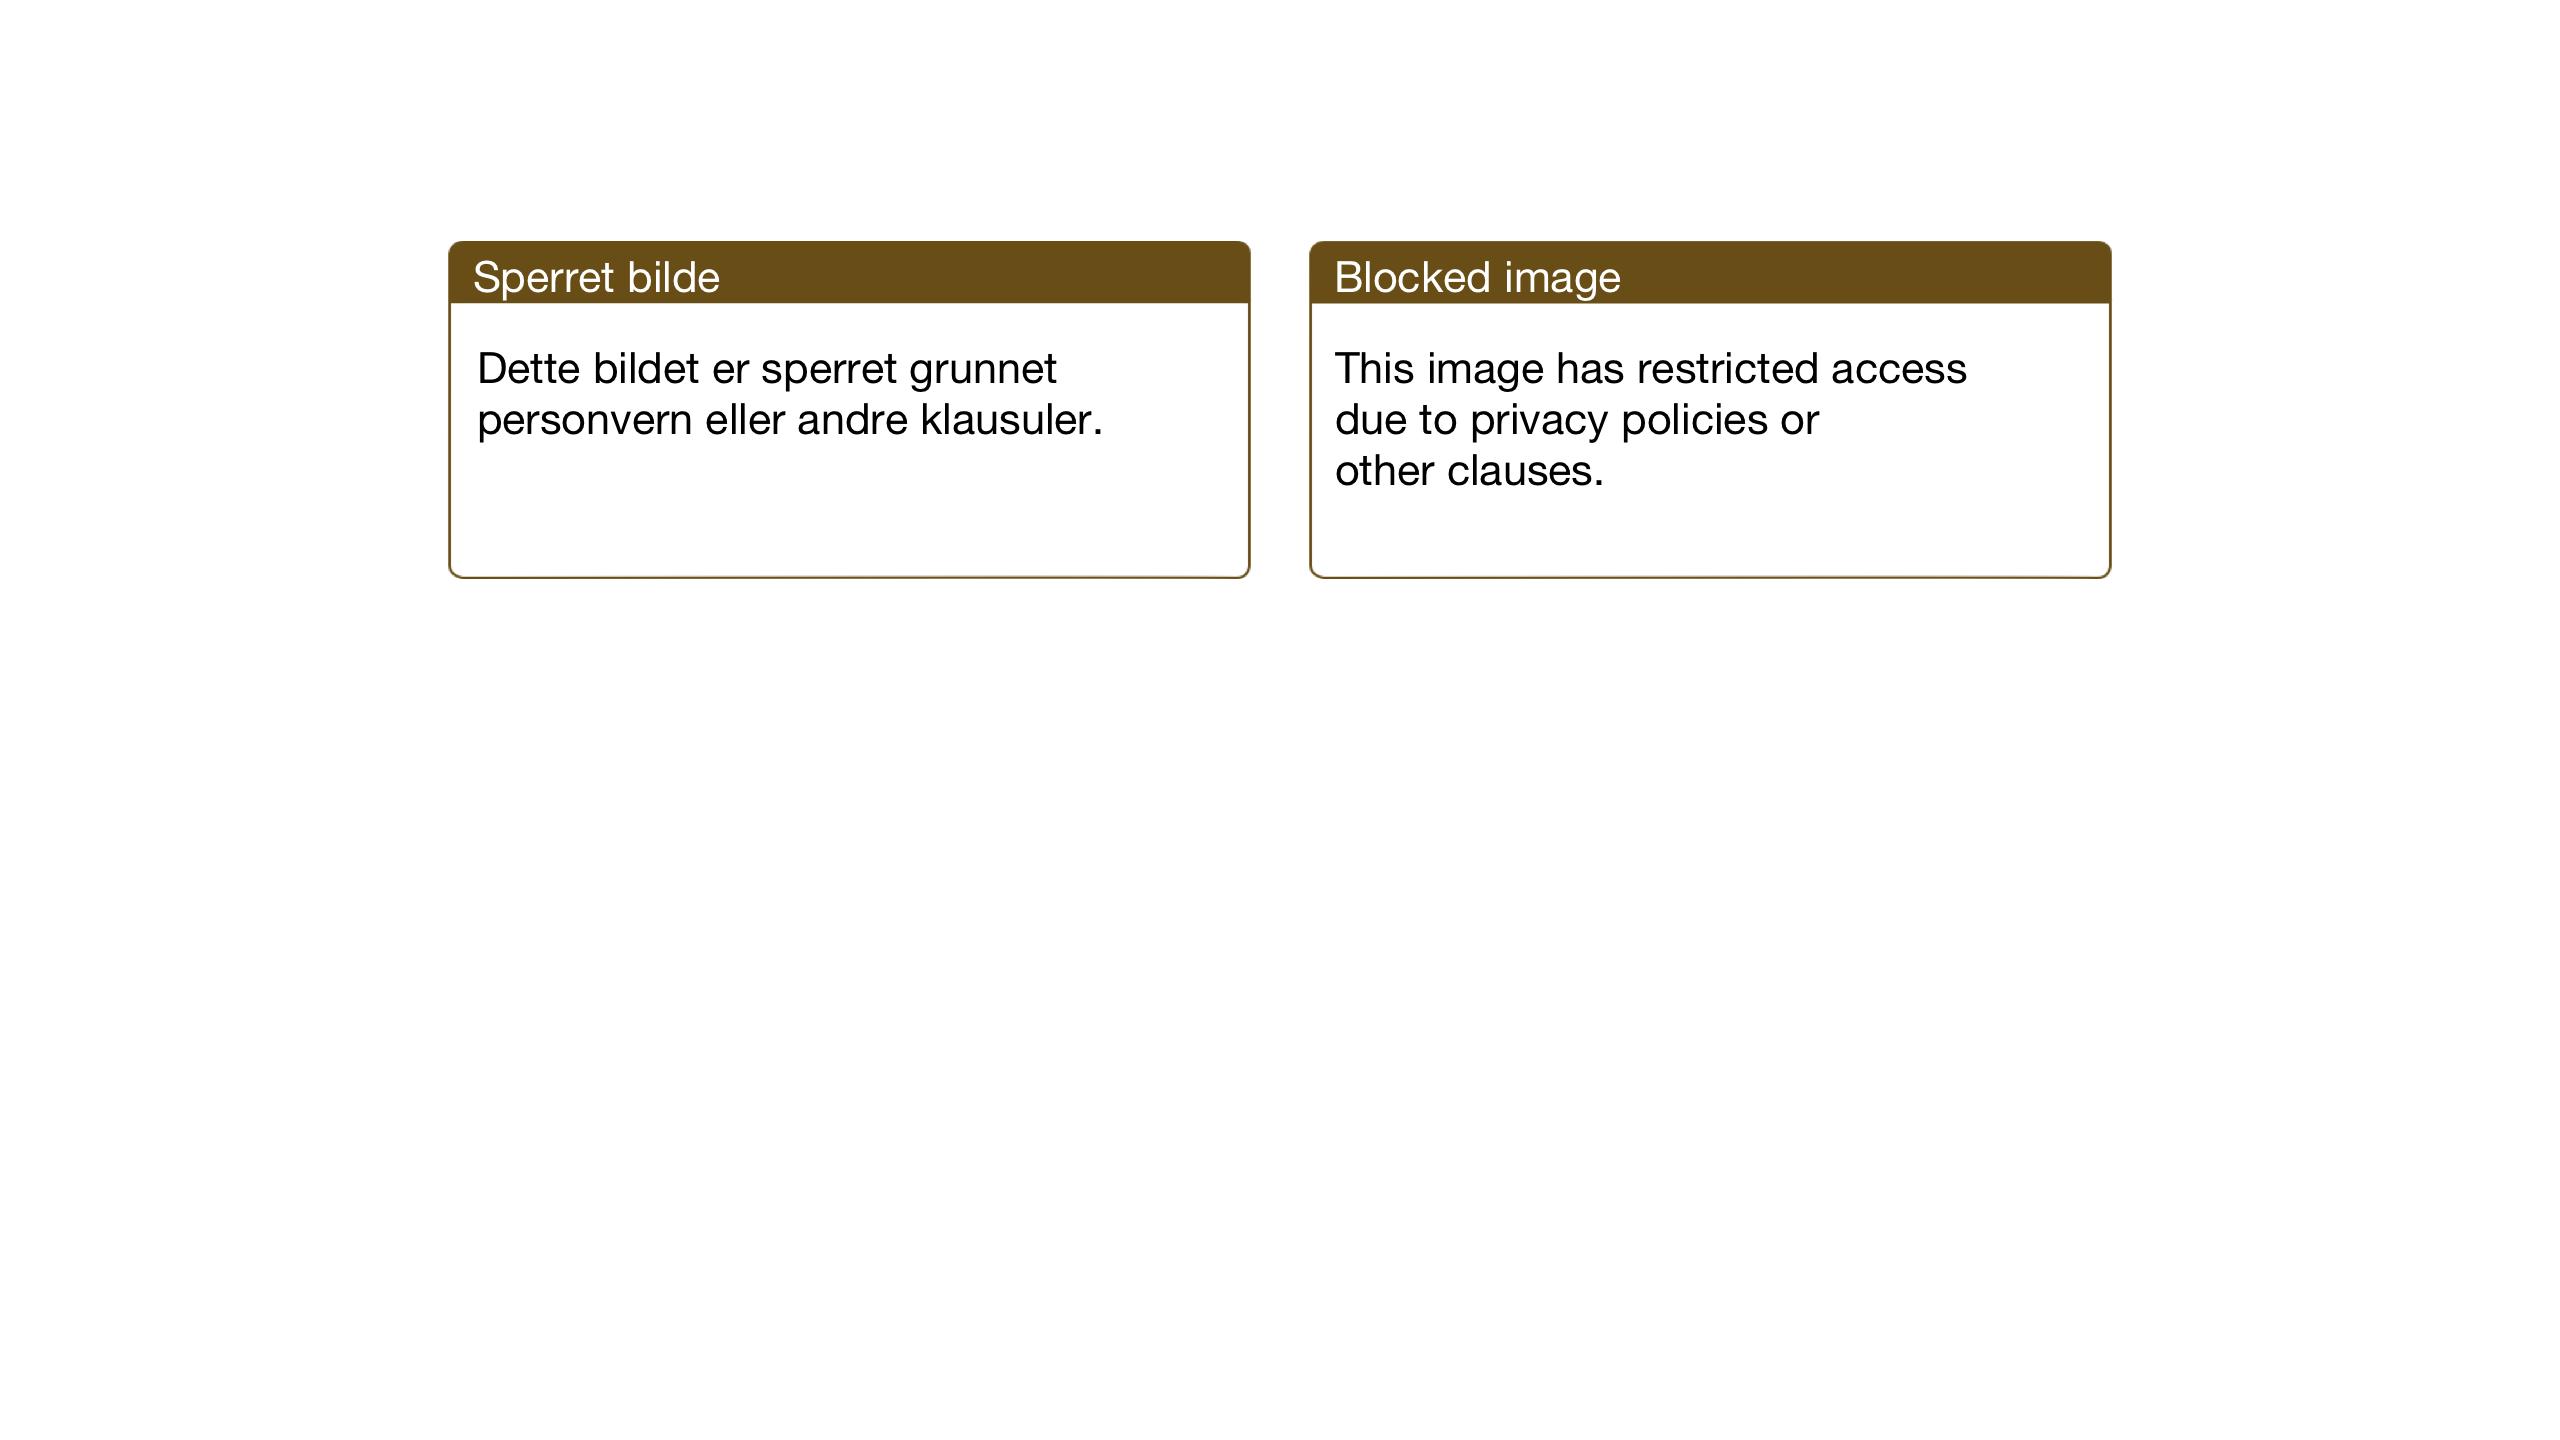 SAT, Ministerialprotokoller, klokkerbøker og fødselsregistre - Sør-Trøndelag, 669/L0832: Klokkerbok nr. 669C02, 1925-1953, s. 154